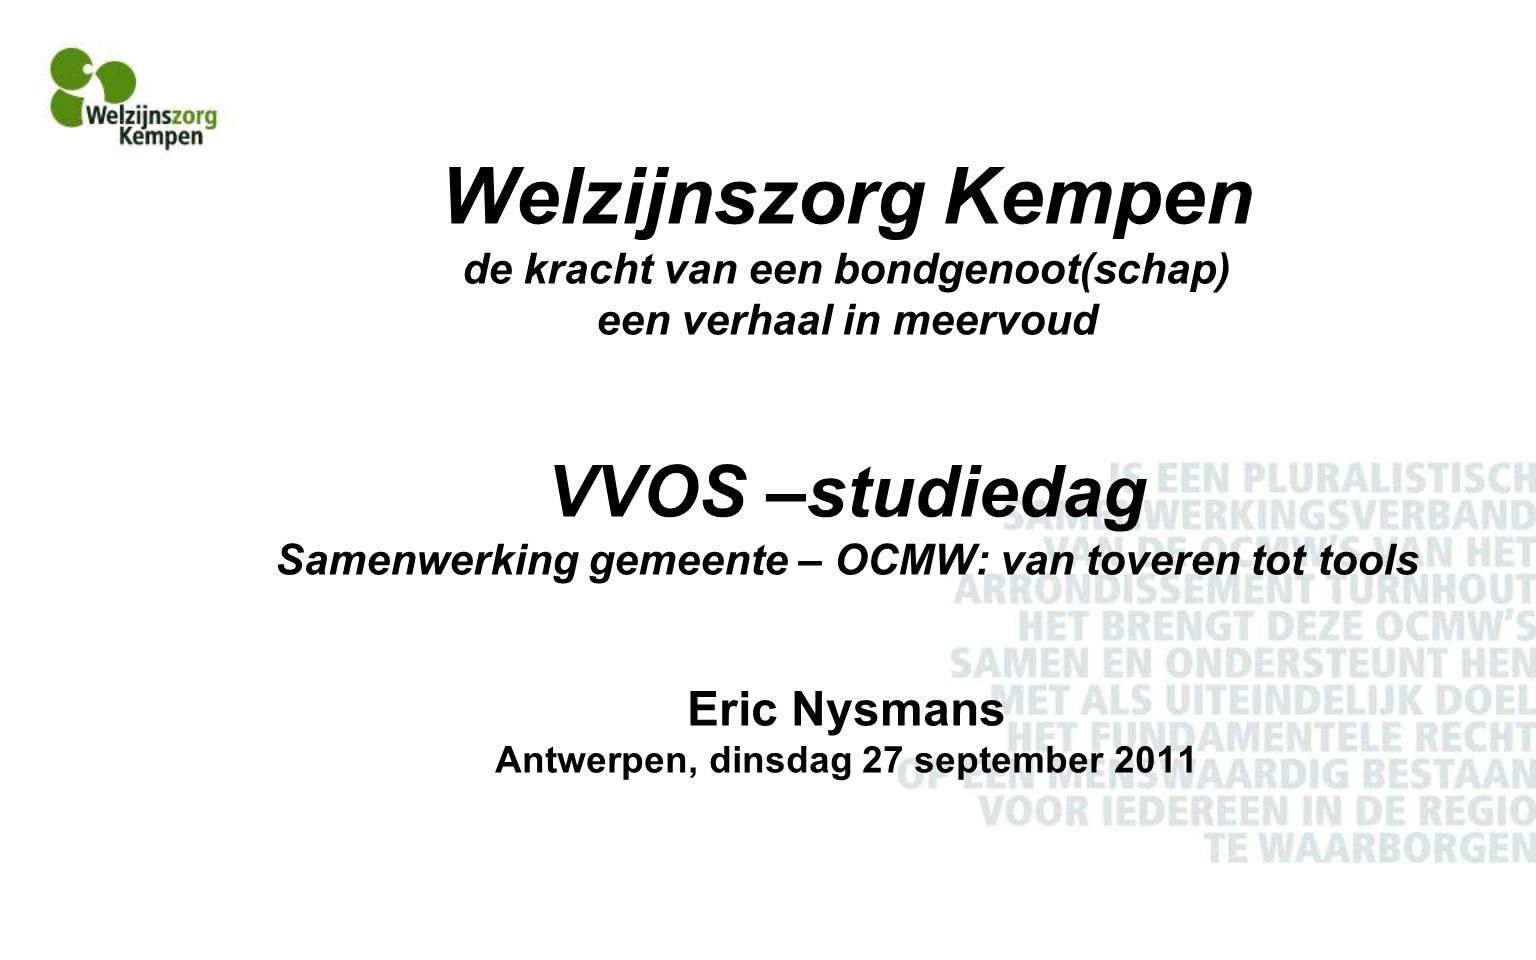 Welzijnszorg Kempen de kracht van een bondgenoot(schap) een verhaal in meervoud VVOS –studiedag Samenwerking gemeente – OCMW: van toveren tot tools Eric Nysmans Antwerpen, dinsdag 27 september 2011